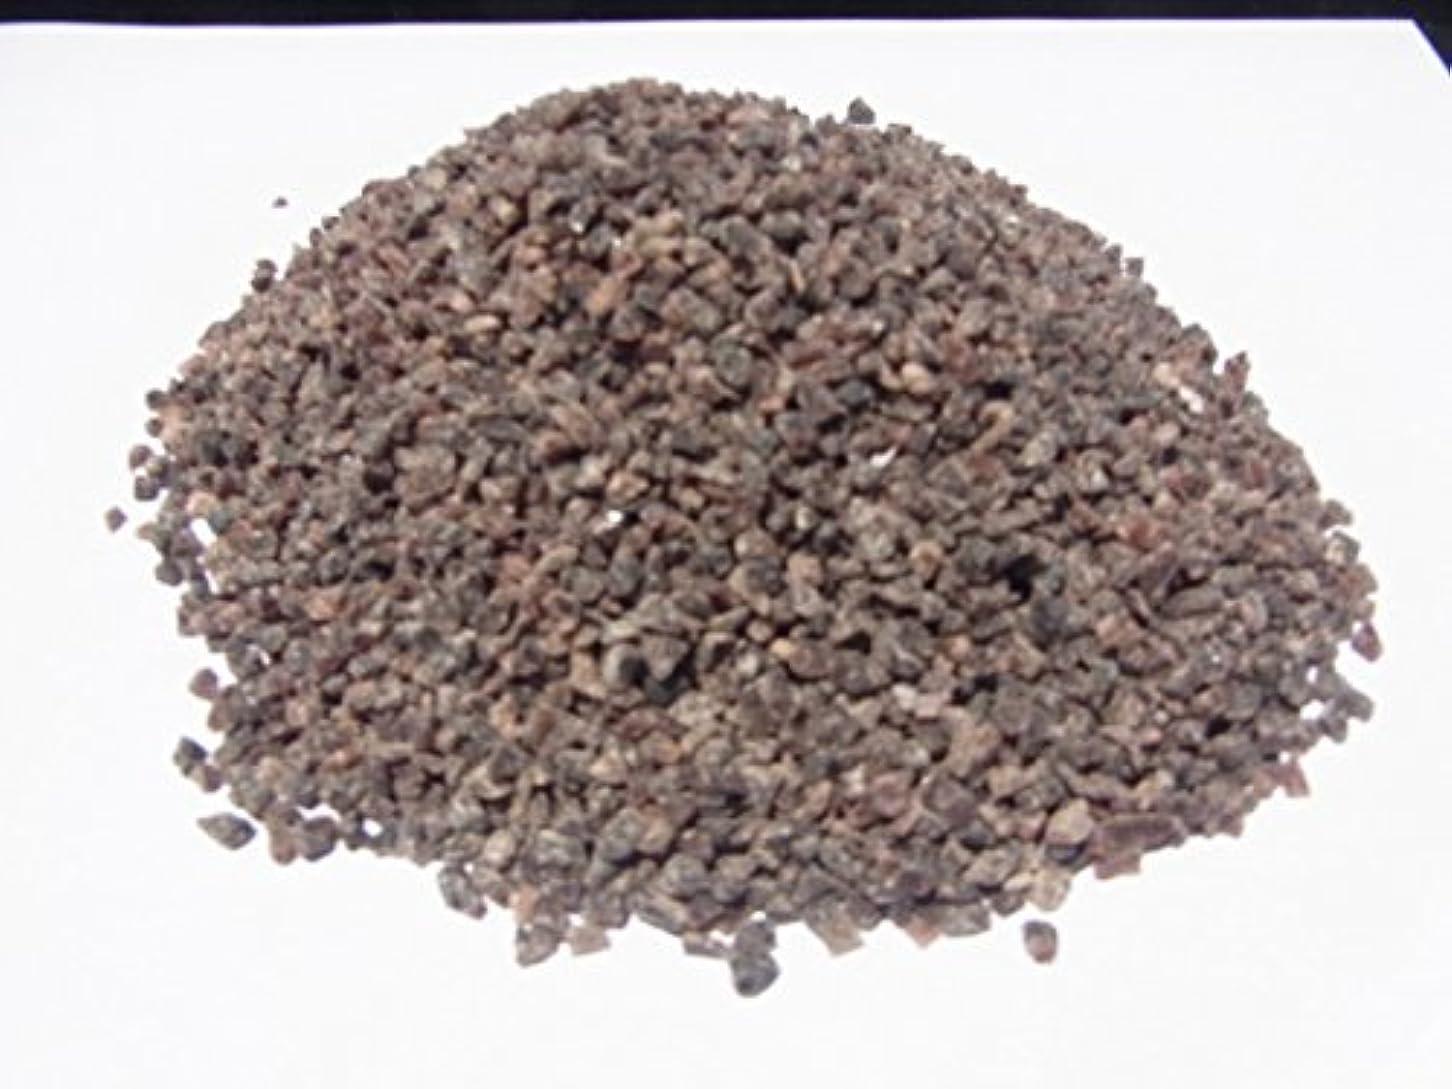 ストロー辛なロマンチックヒマラヤ岩塩1kg【ブラックソルト】 紫岩塩 ザラメ 粗粒 バスソルト